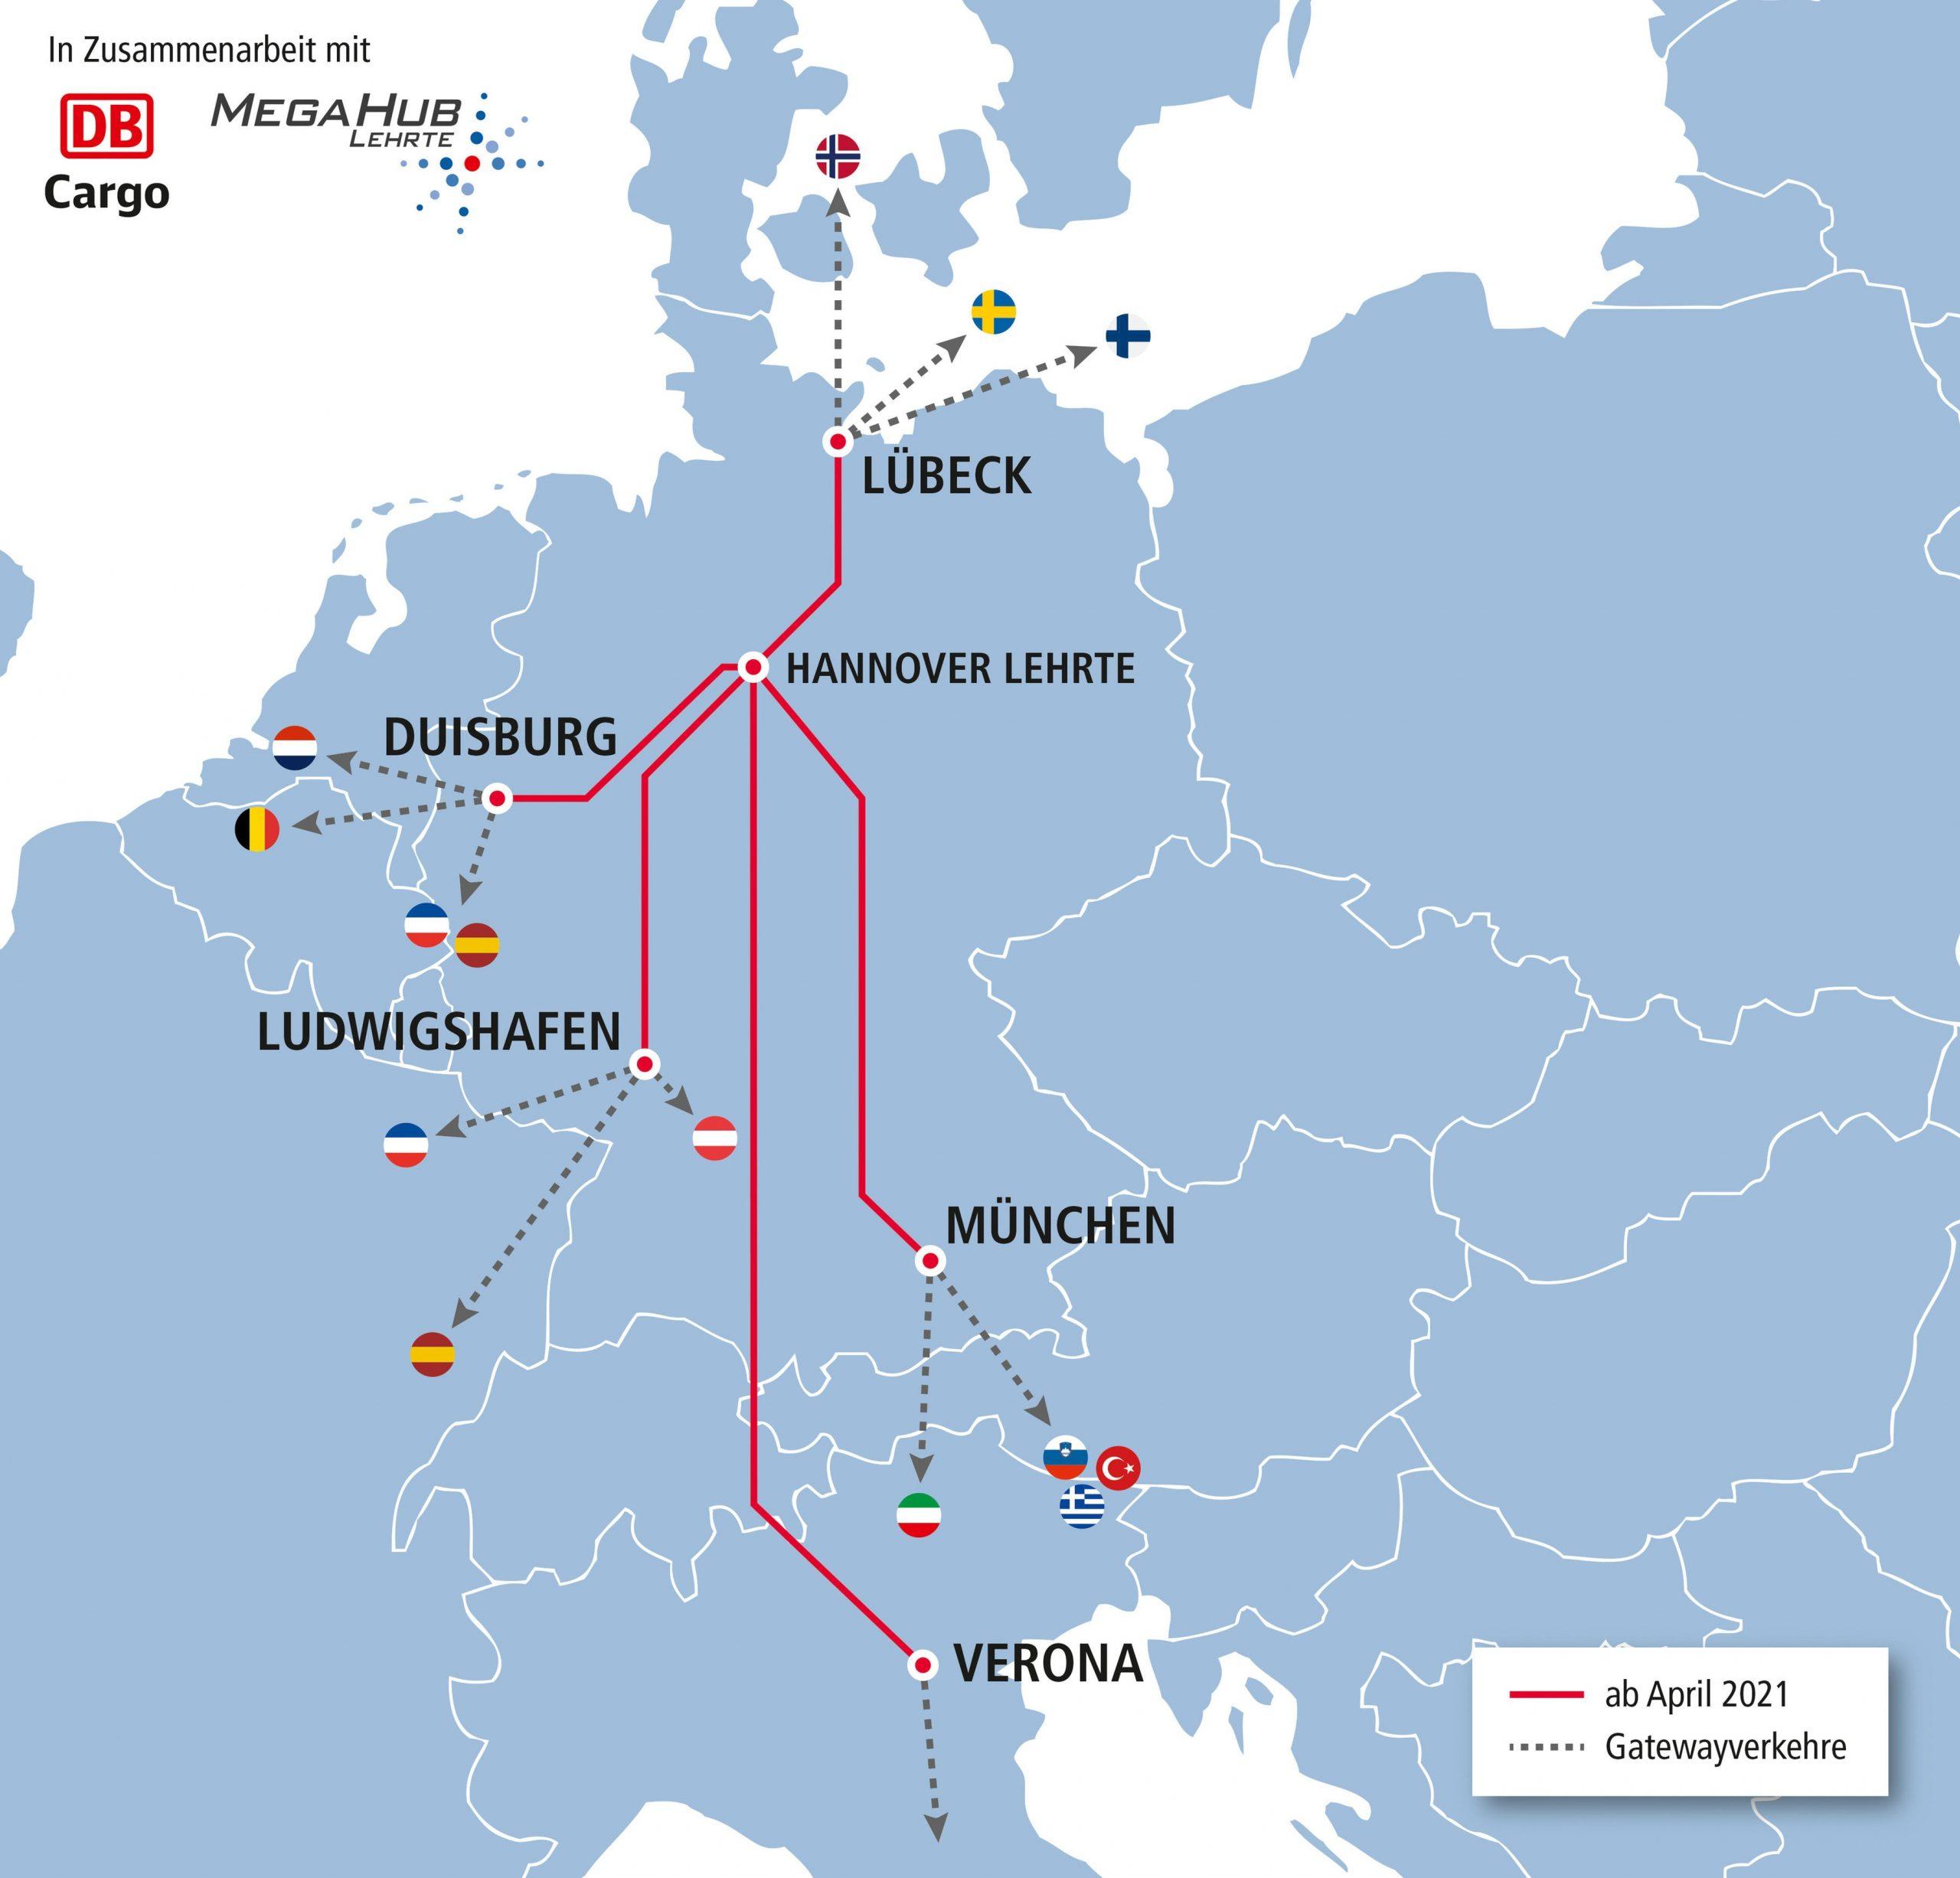 Первый поезд Китай-Европа прибыл на терминал MegaHub Lehrte (Ганновер) 1